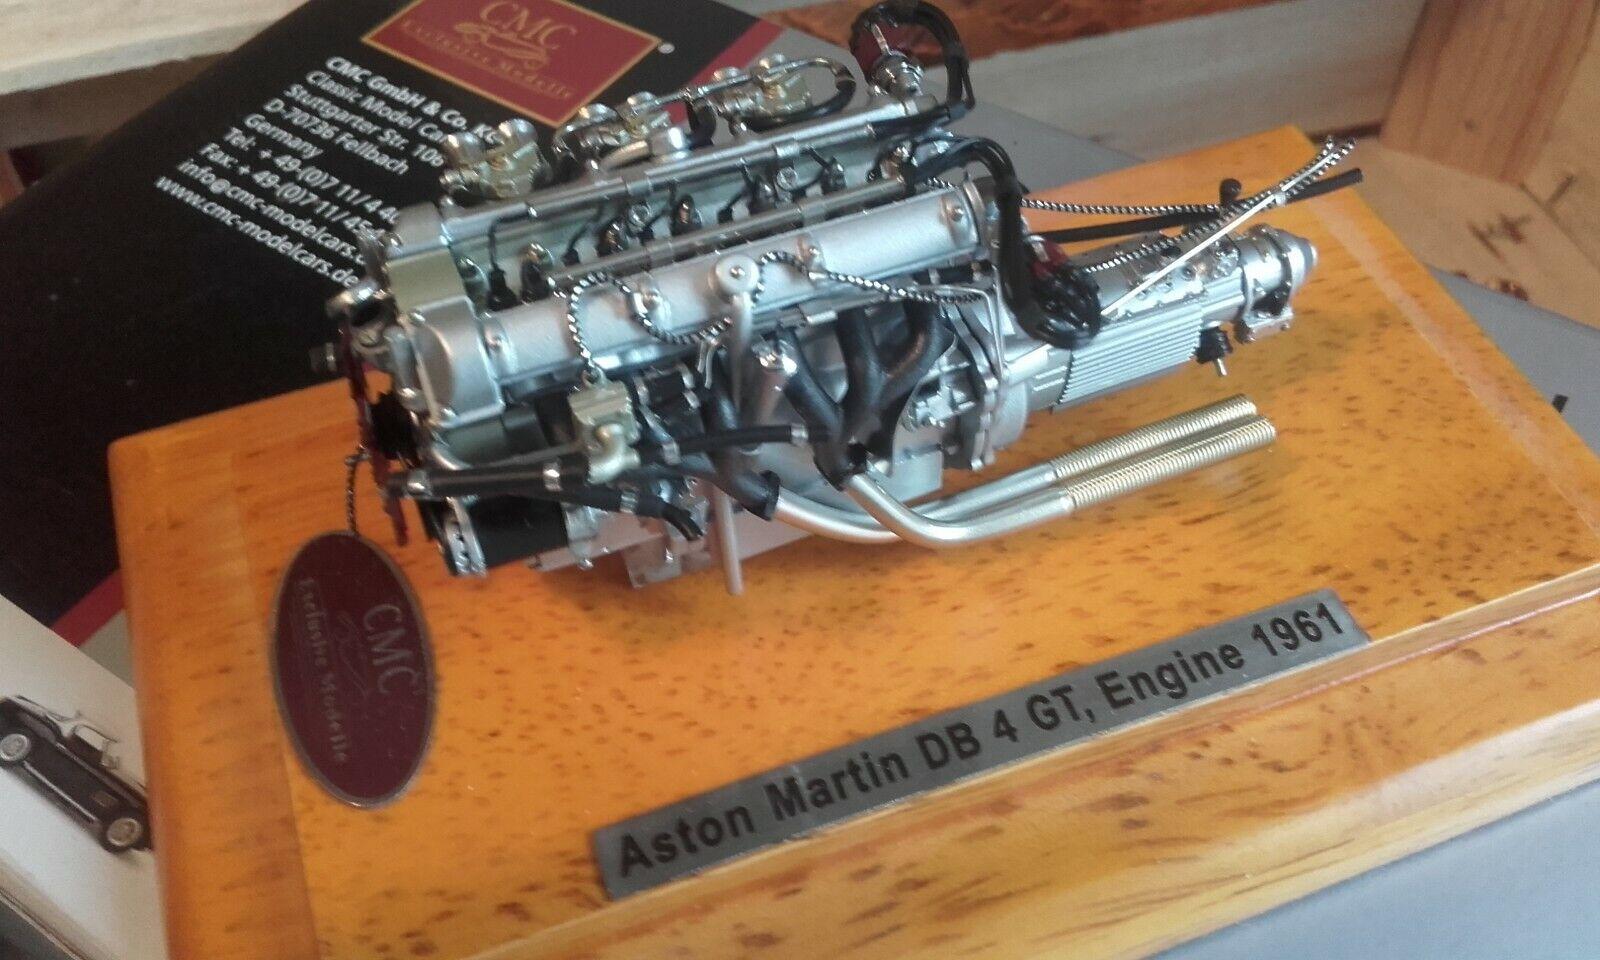 CMC moteur  aston martin db4 gt avec sa  boite et sa vitrine